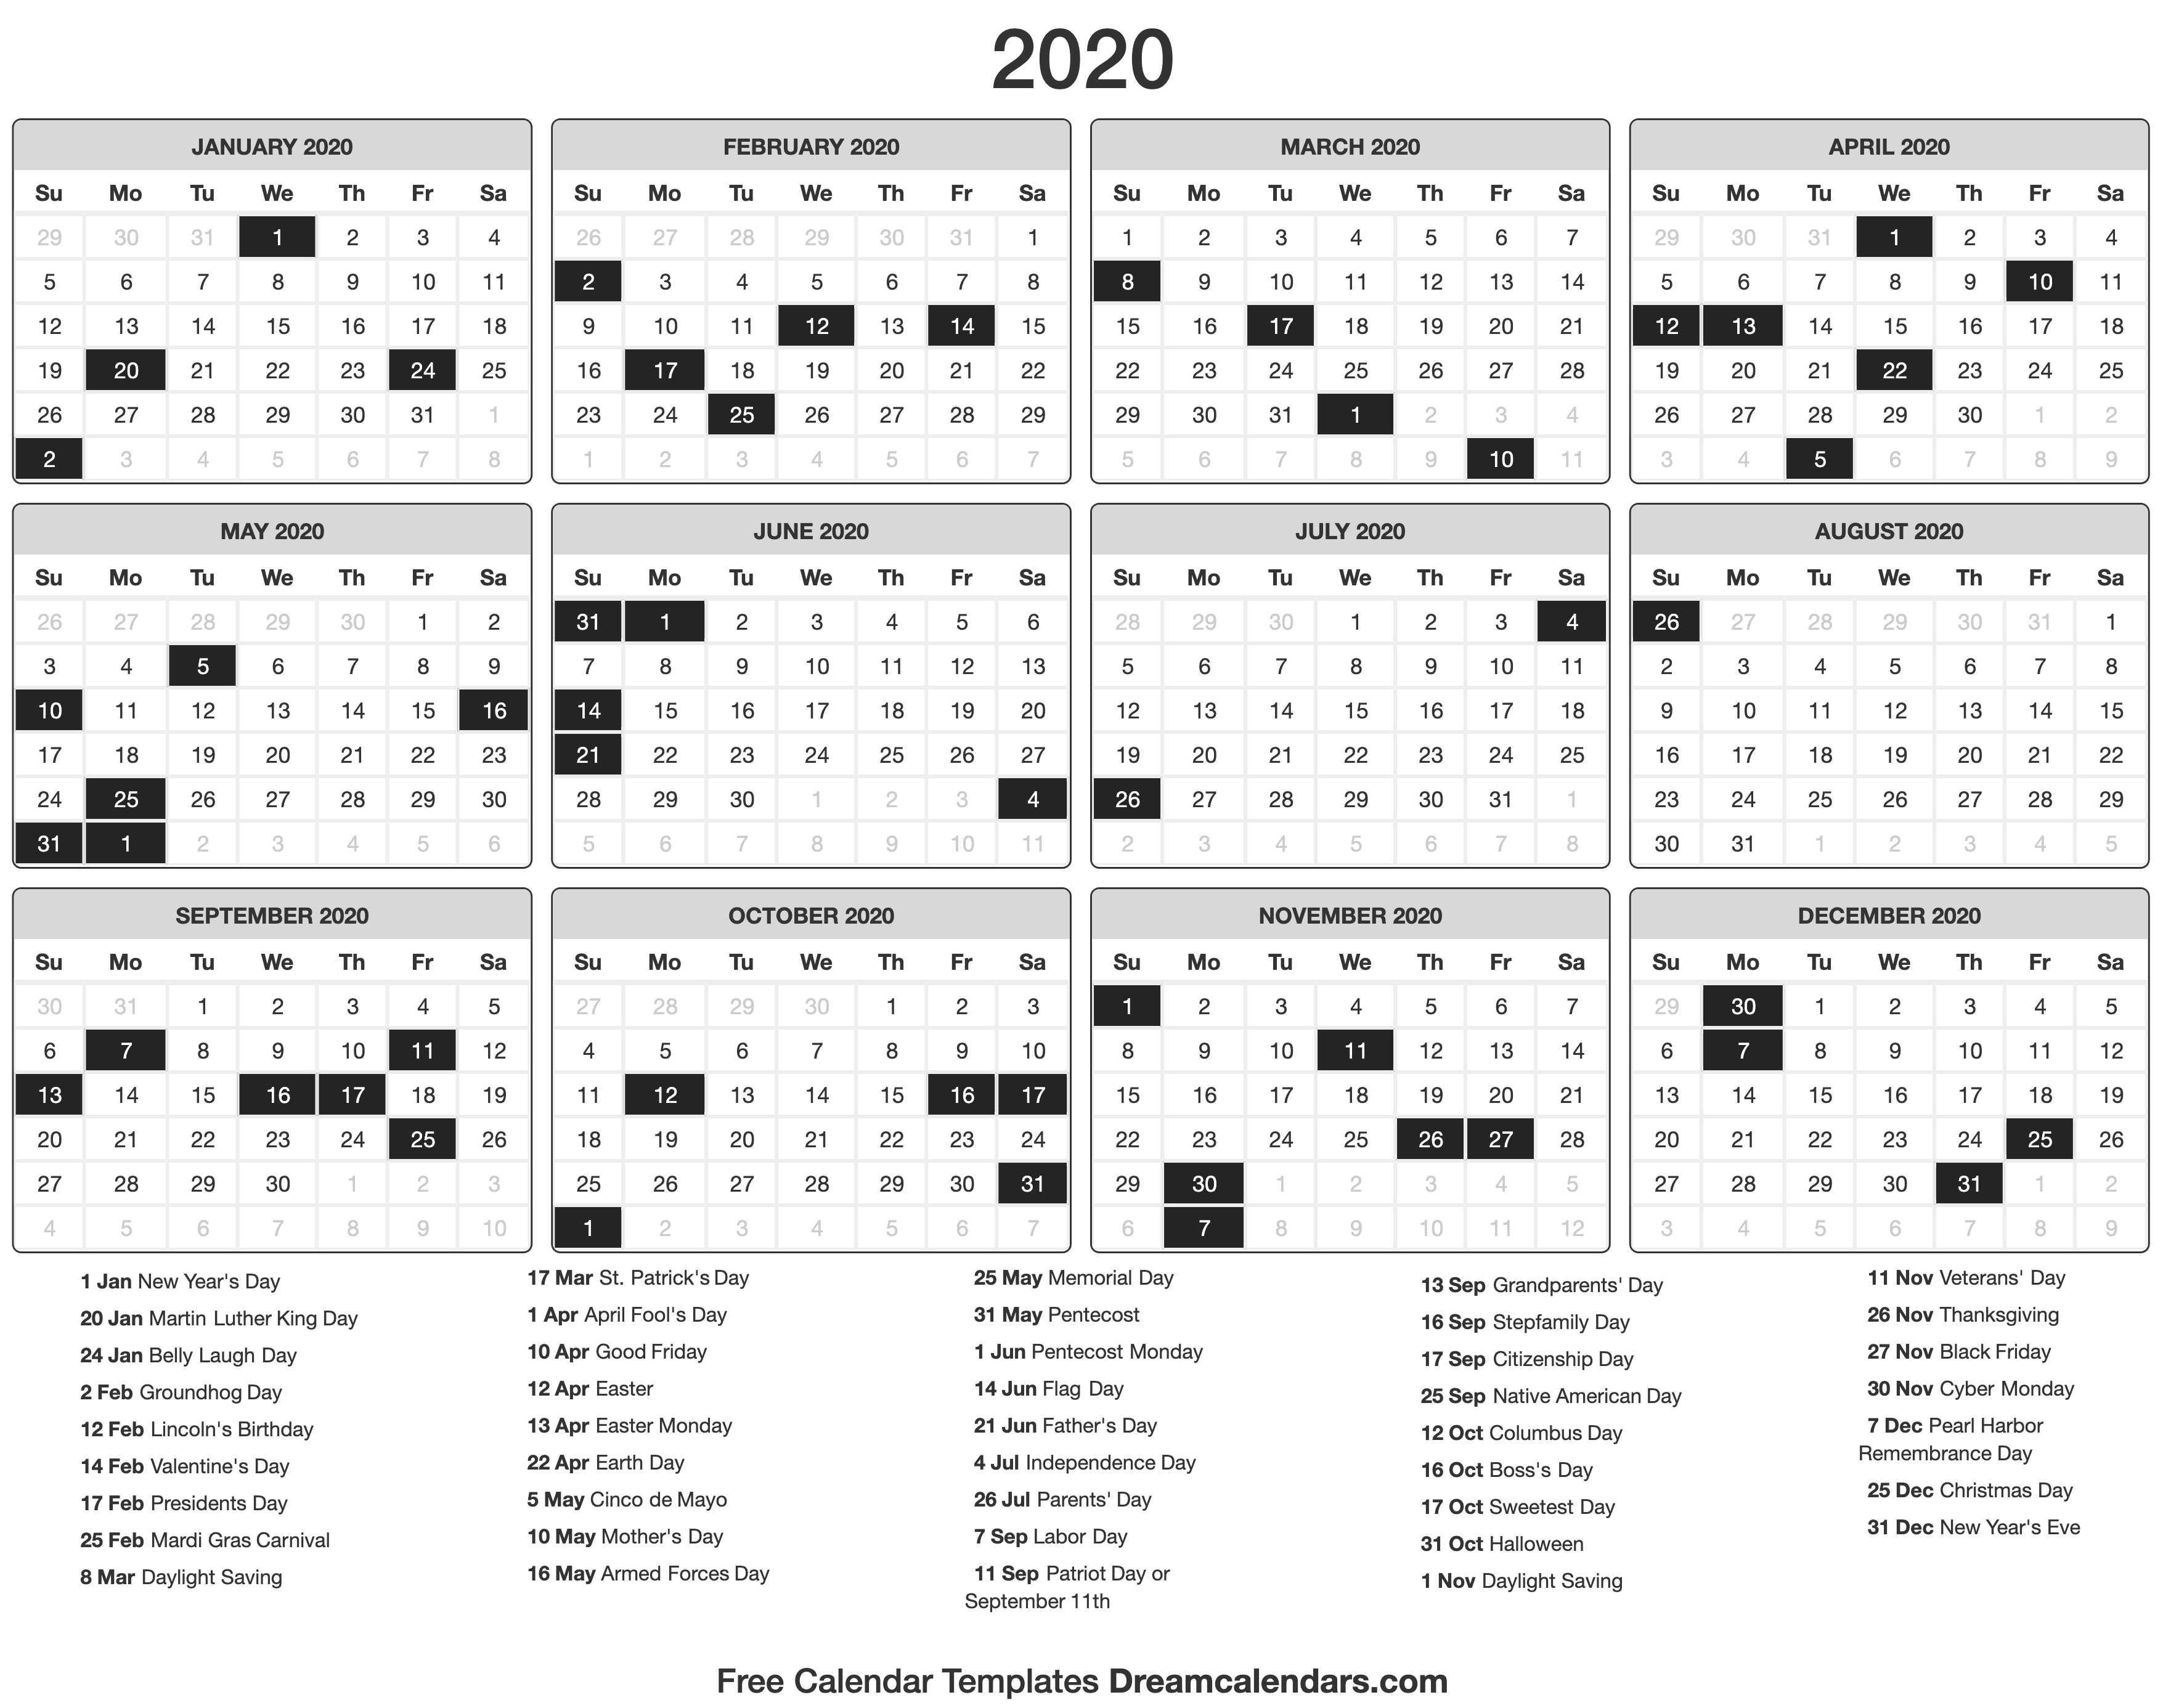 Dream Calendars - Make Your Calendar Template Blog-2020 Calendar With Holidays Inc Jewish